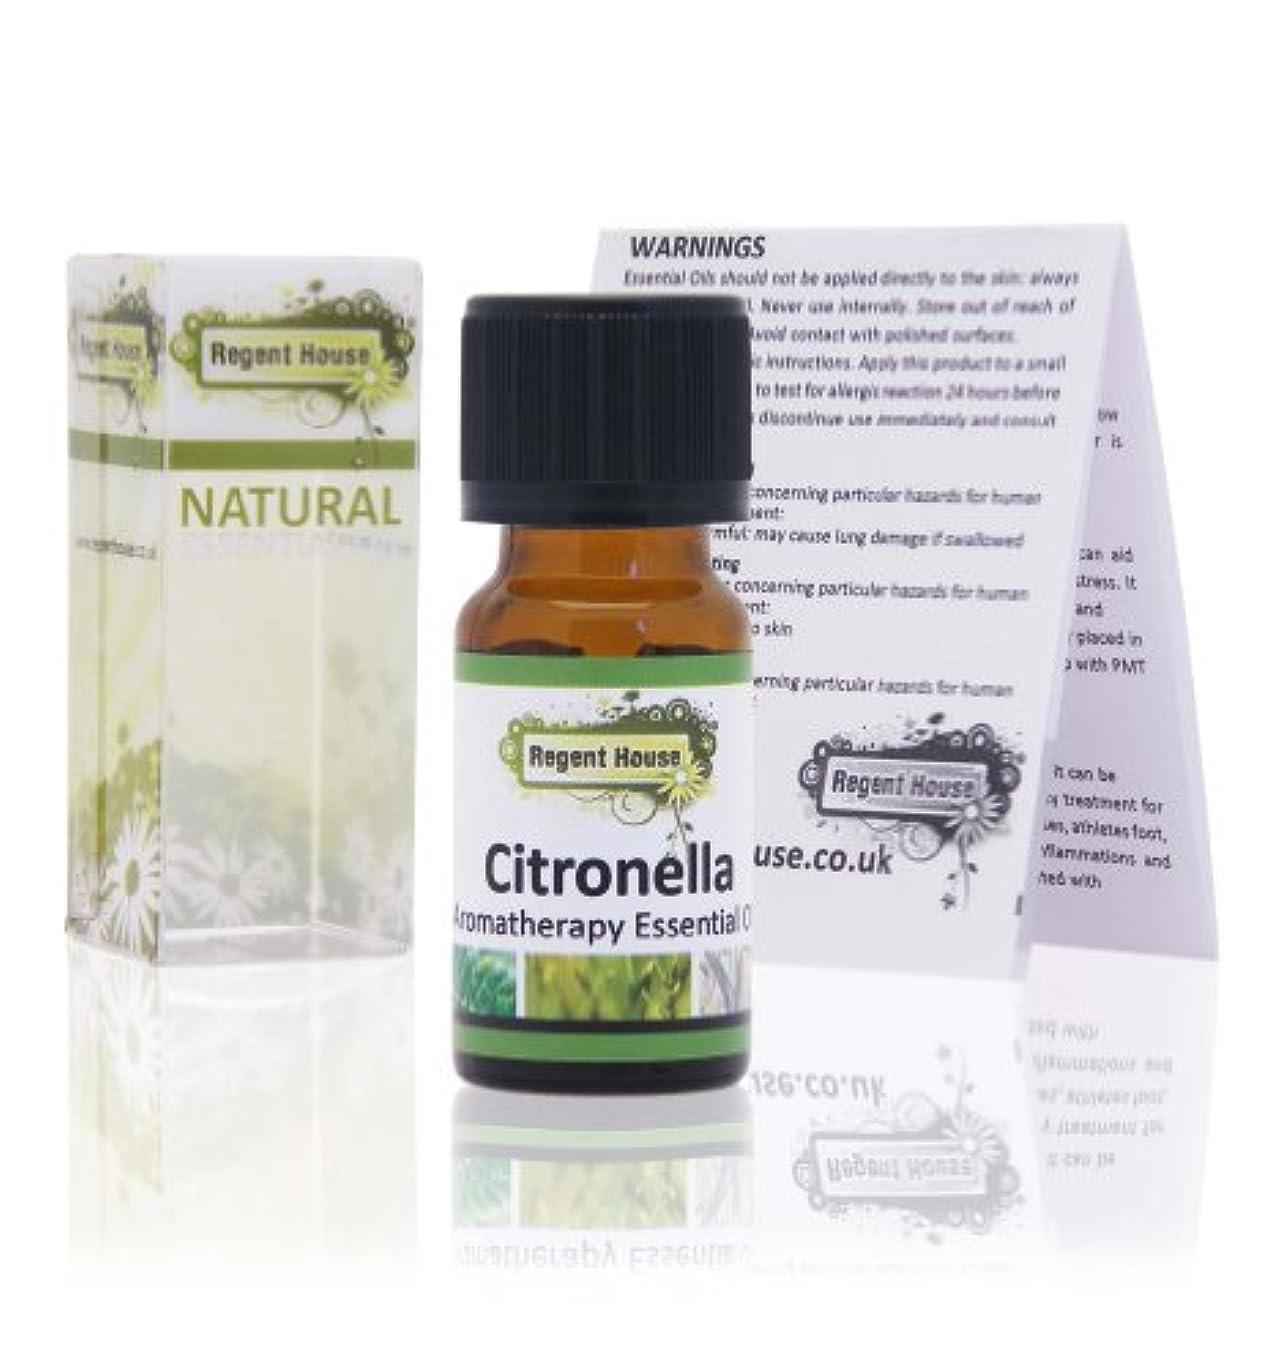 隔離するスタンド費用ナチュラルエッセンシャルオイル シトロネラ(Citronella)